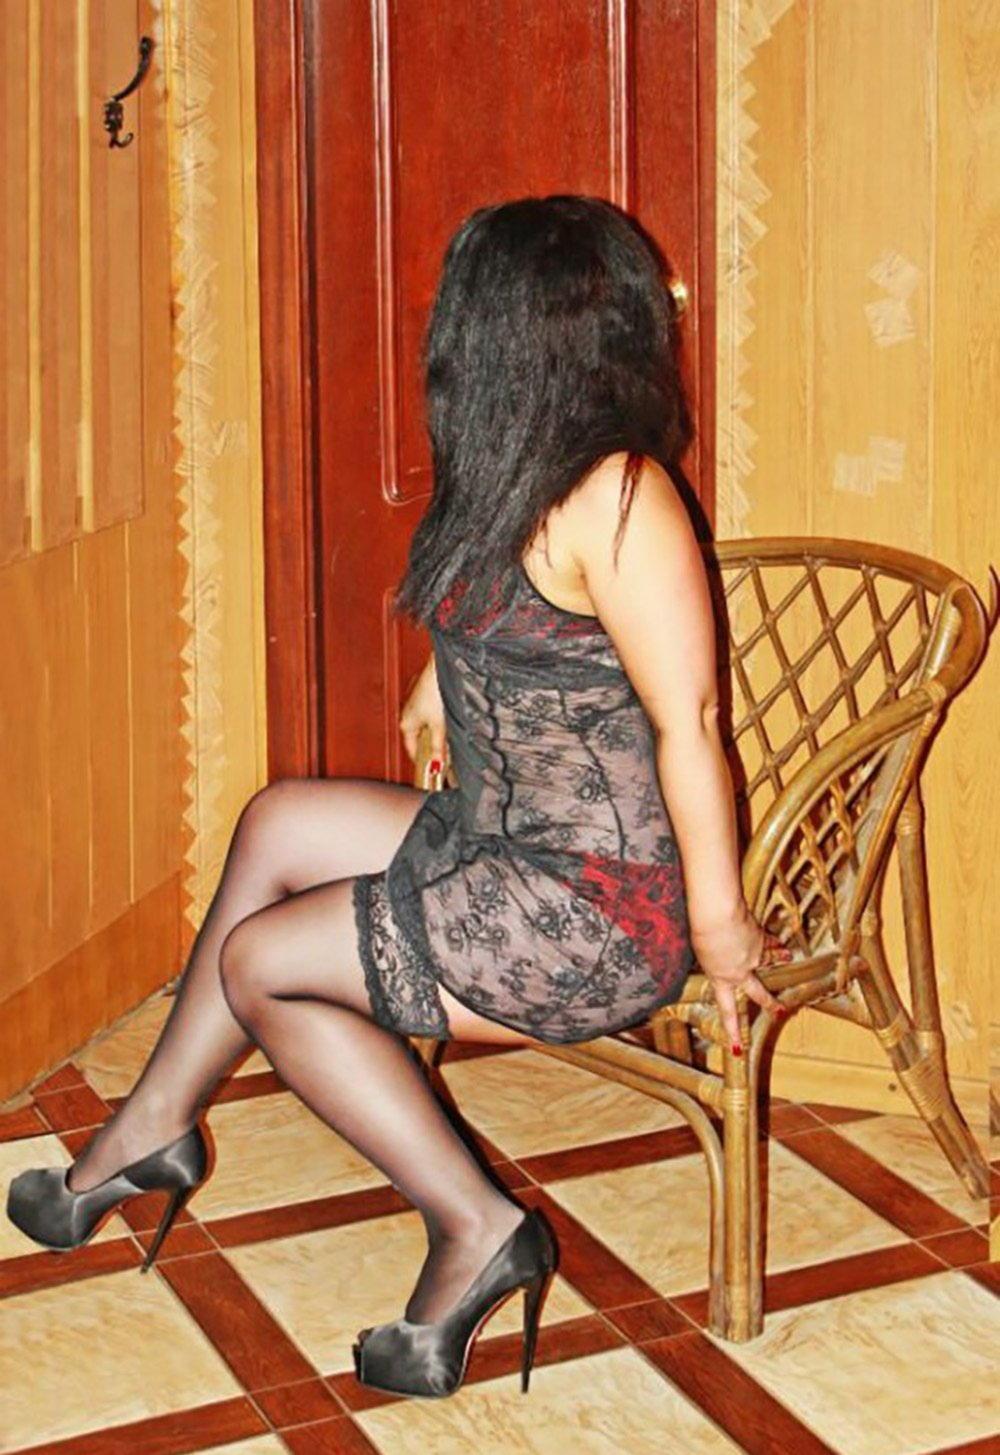 Индивидуалка наб челны снять проститутку в Тюмени ул Архитекторов